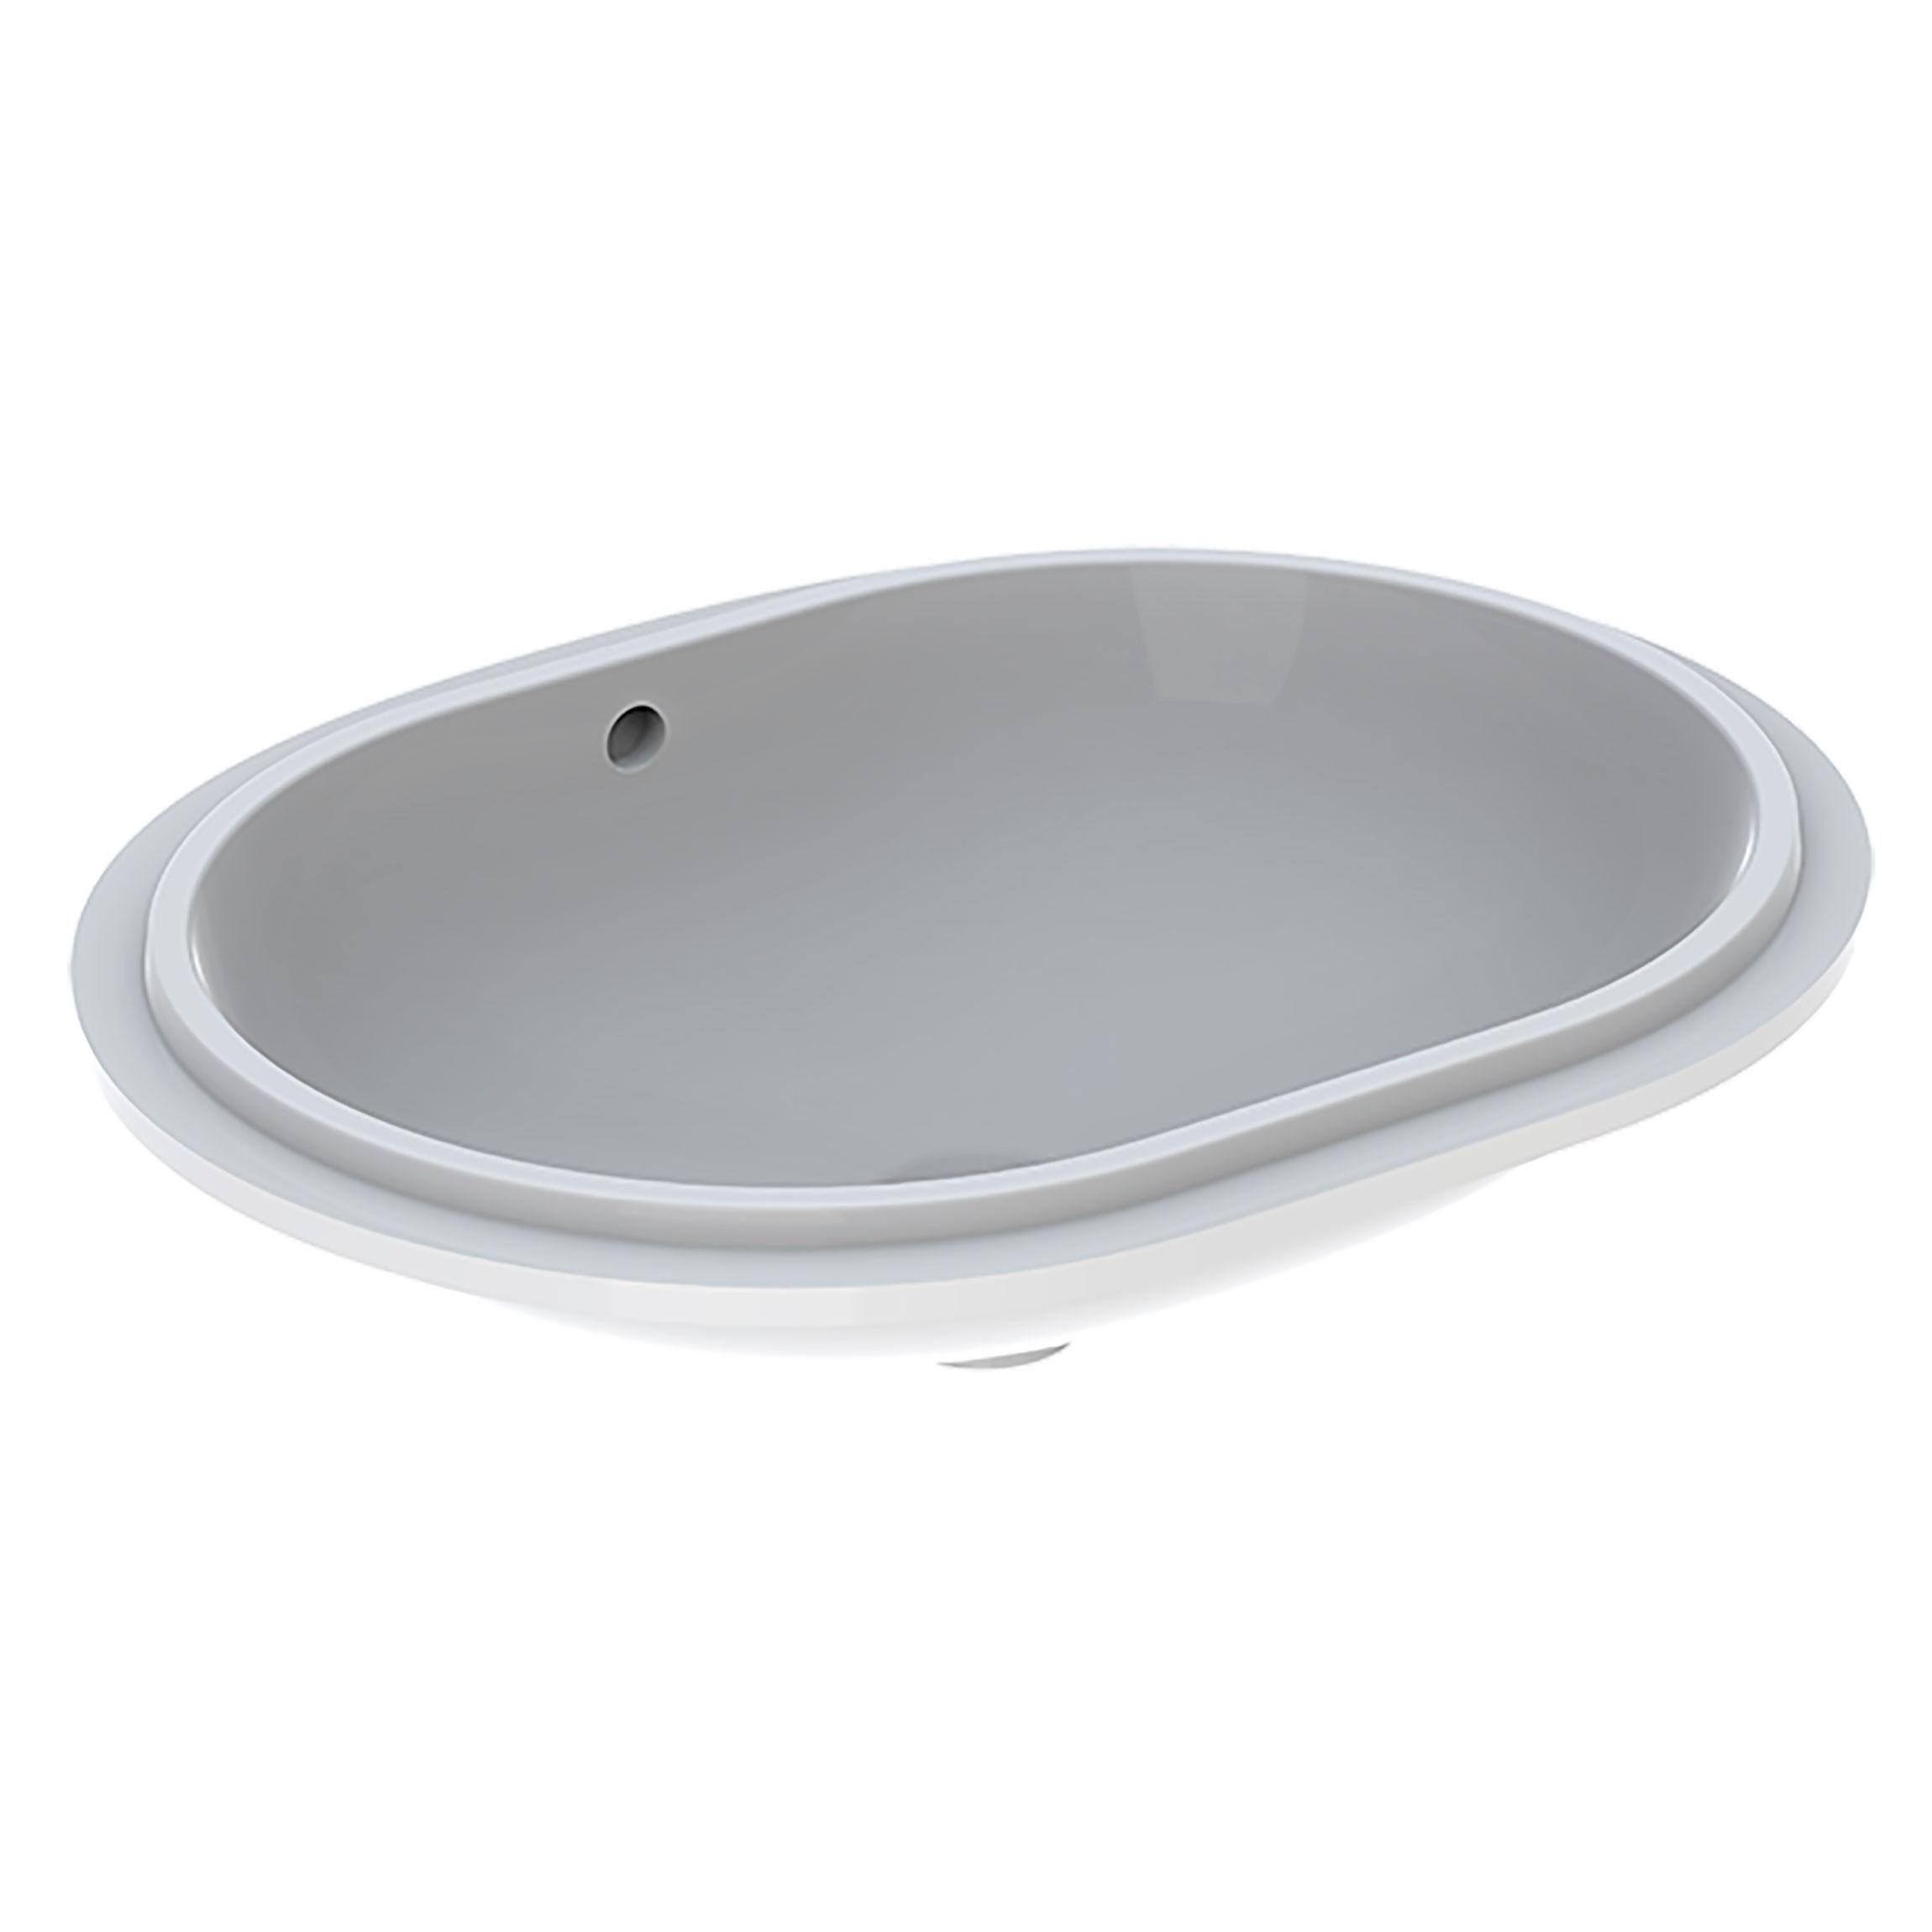 Tvättställ Ifö Variform 550 mm för underlimning Elliptiskt